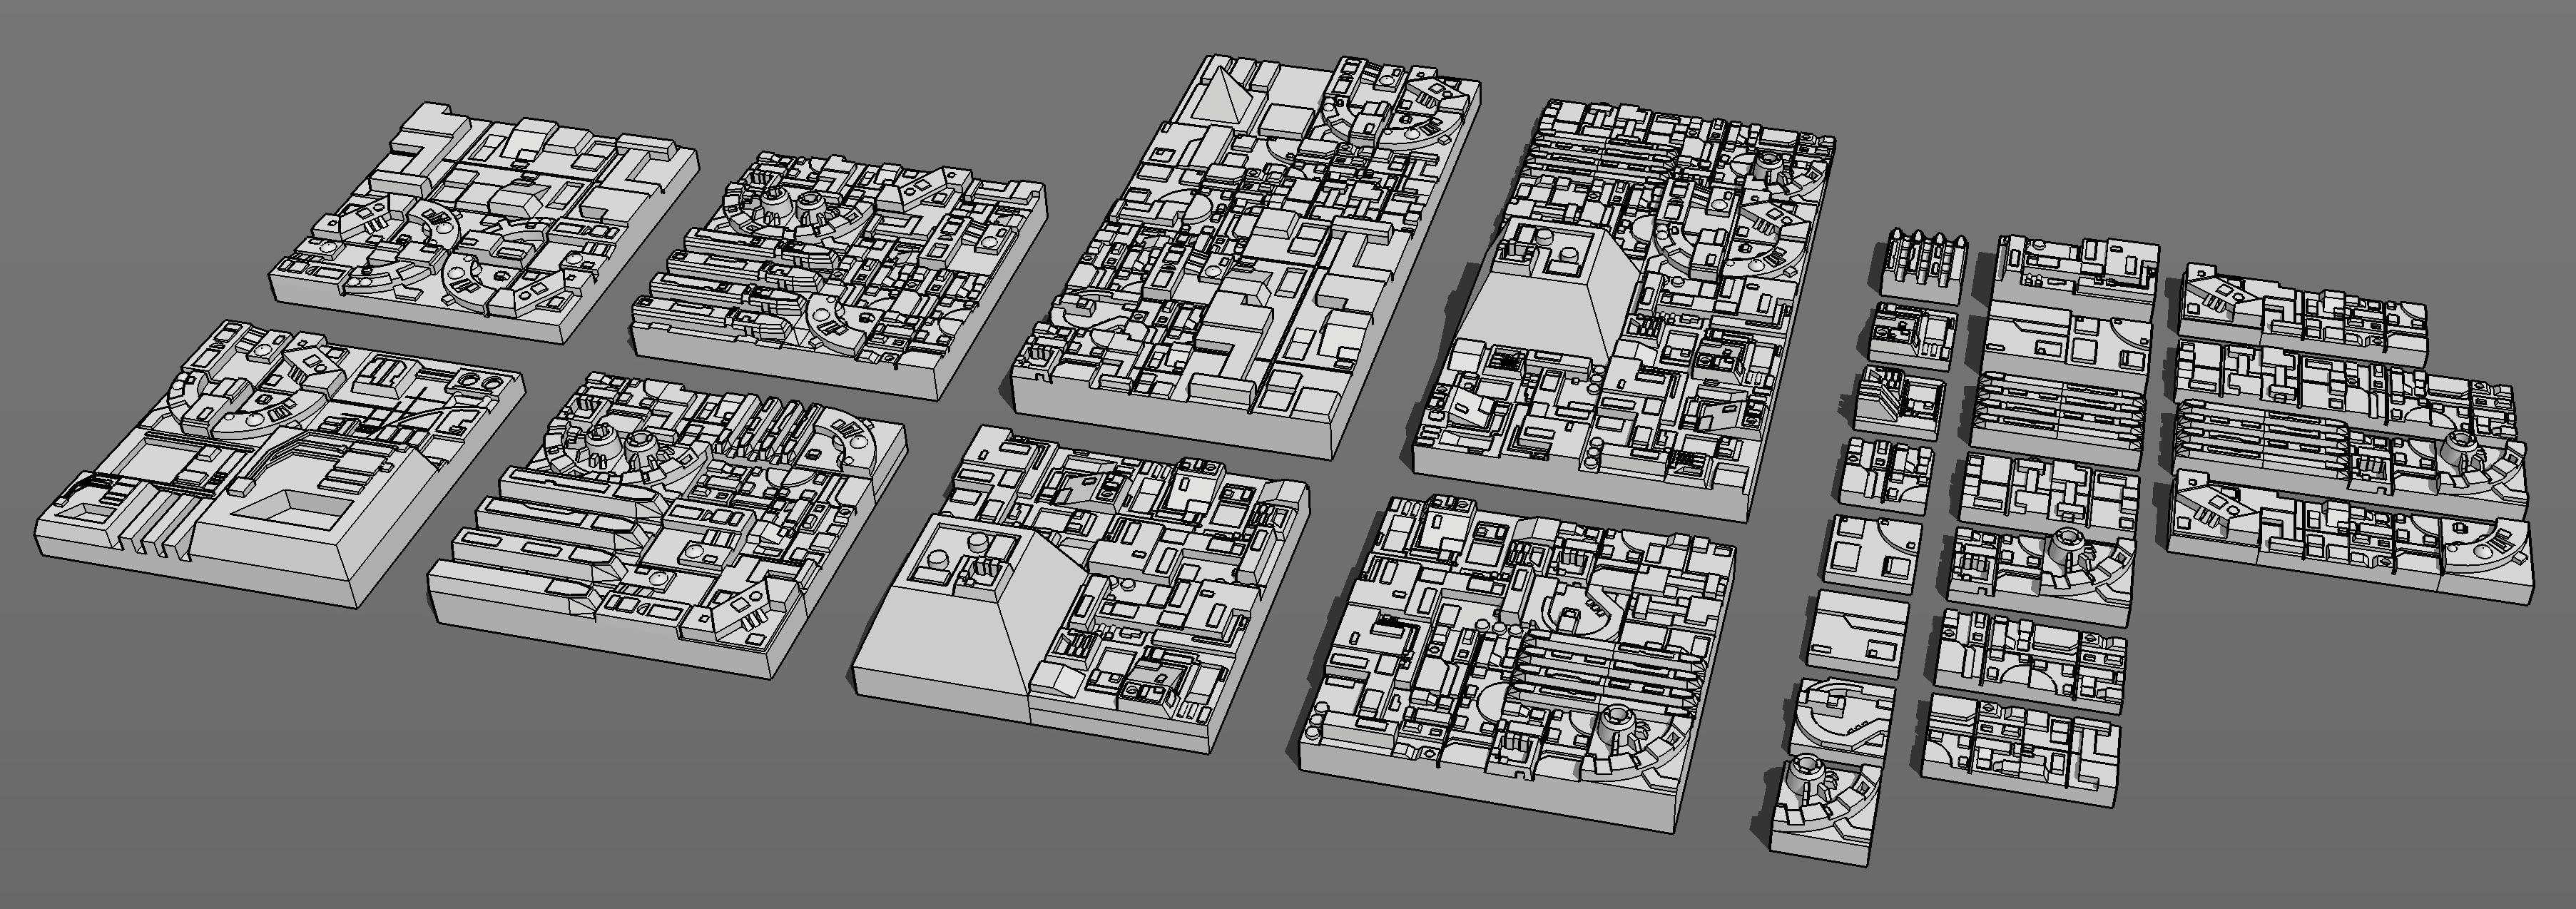 Nano-Tiles.jpg